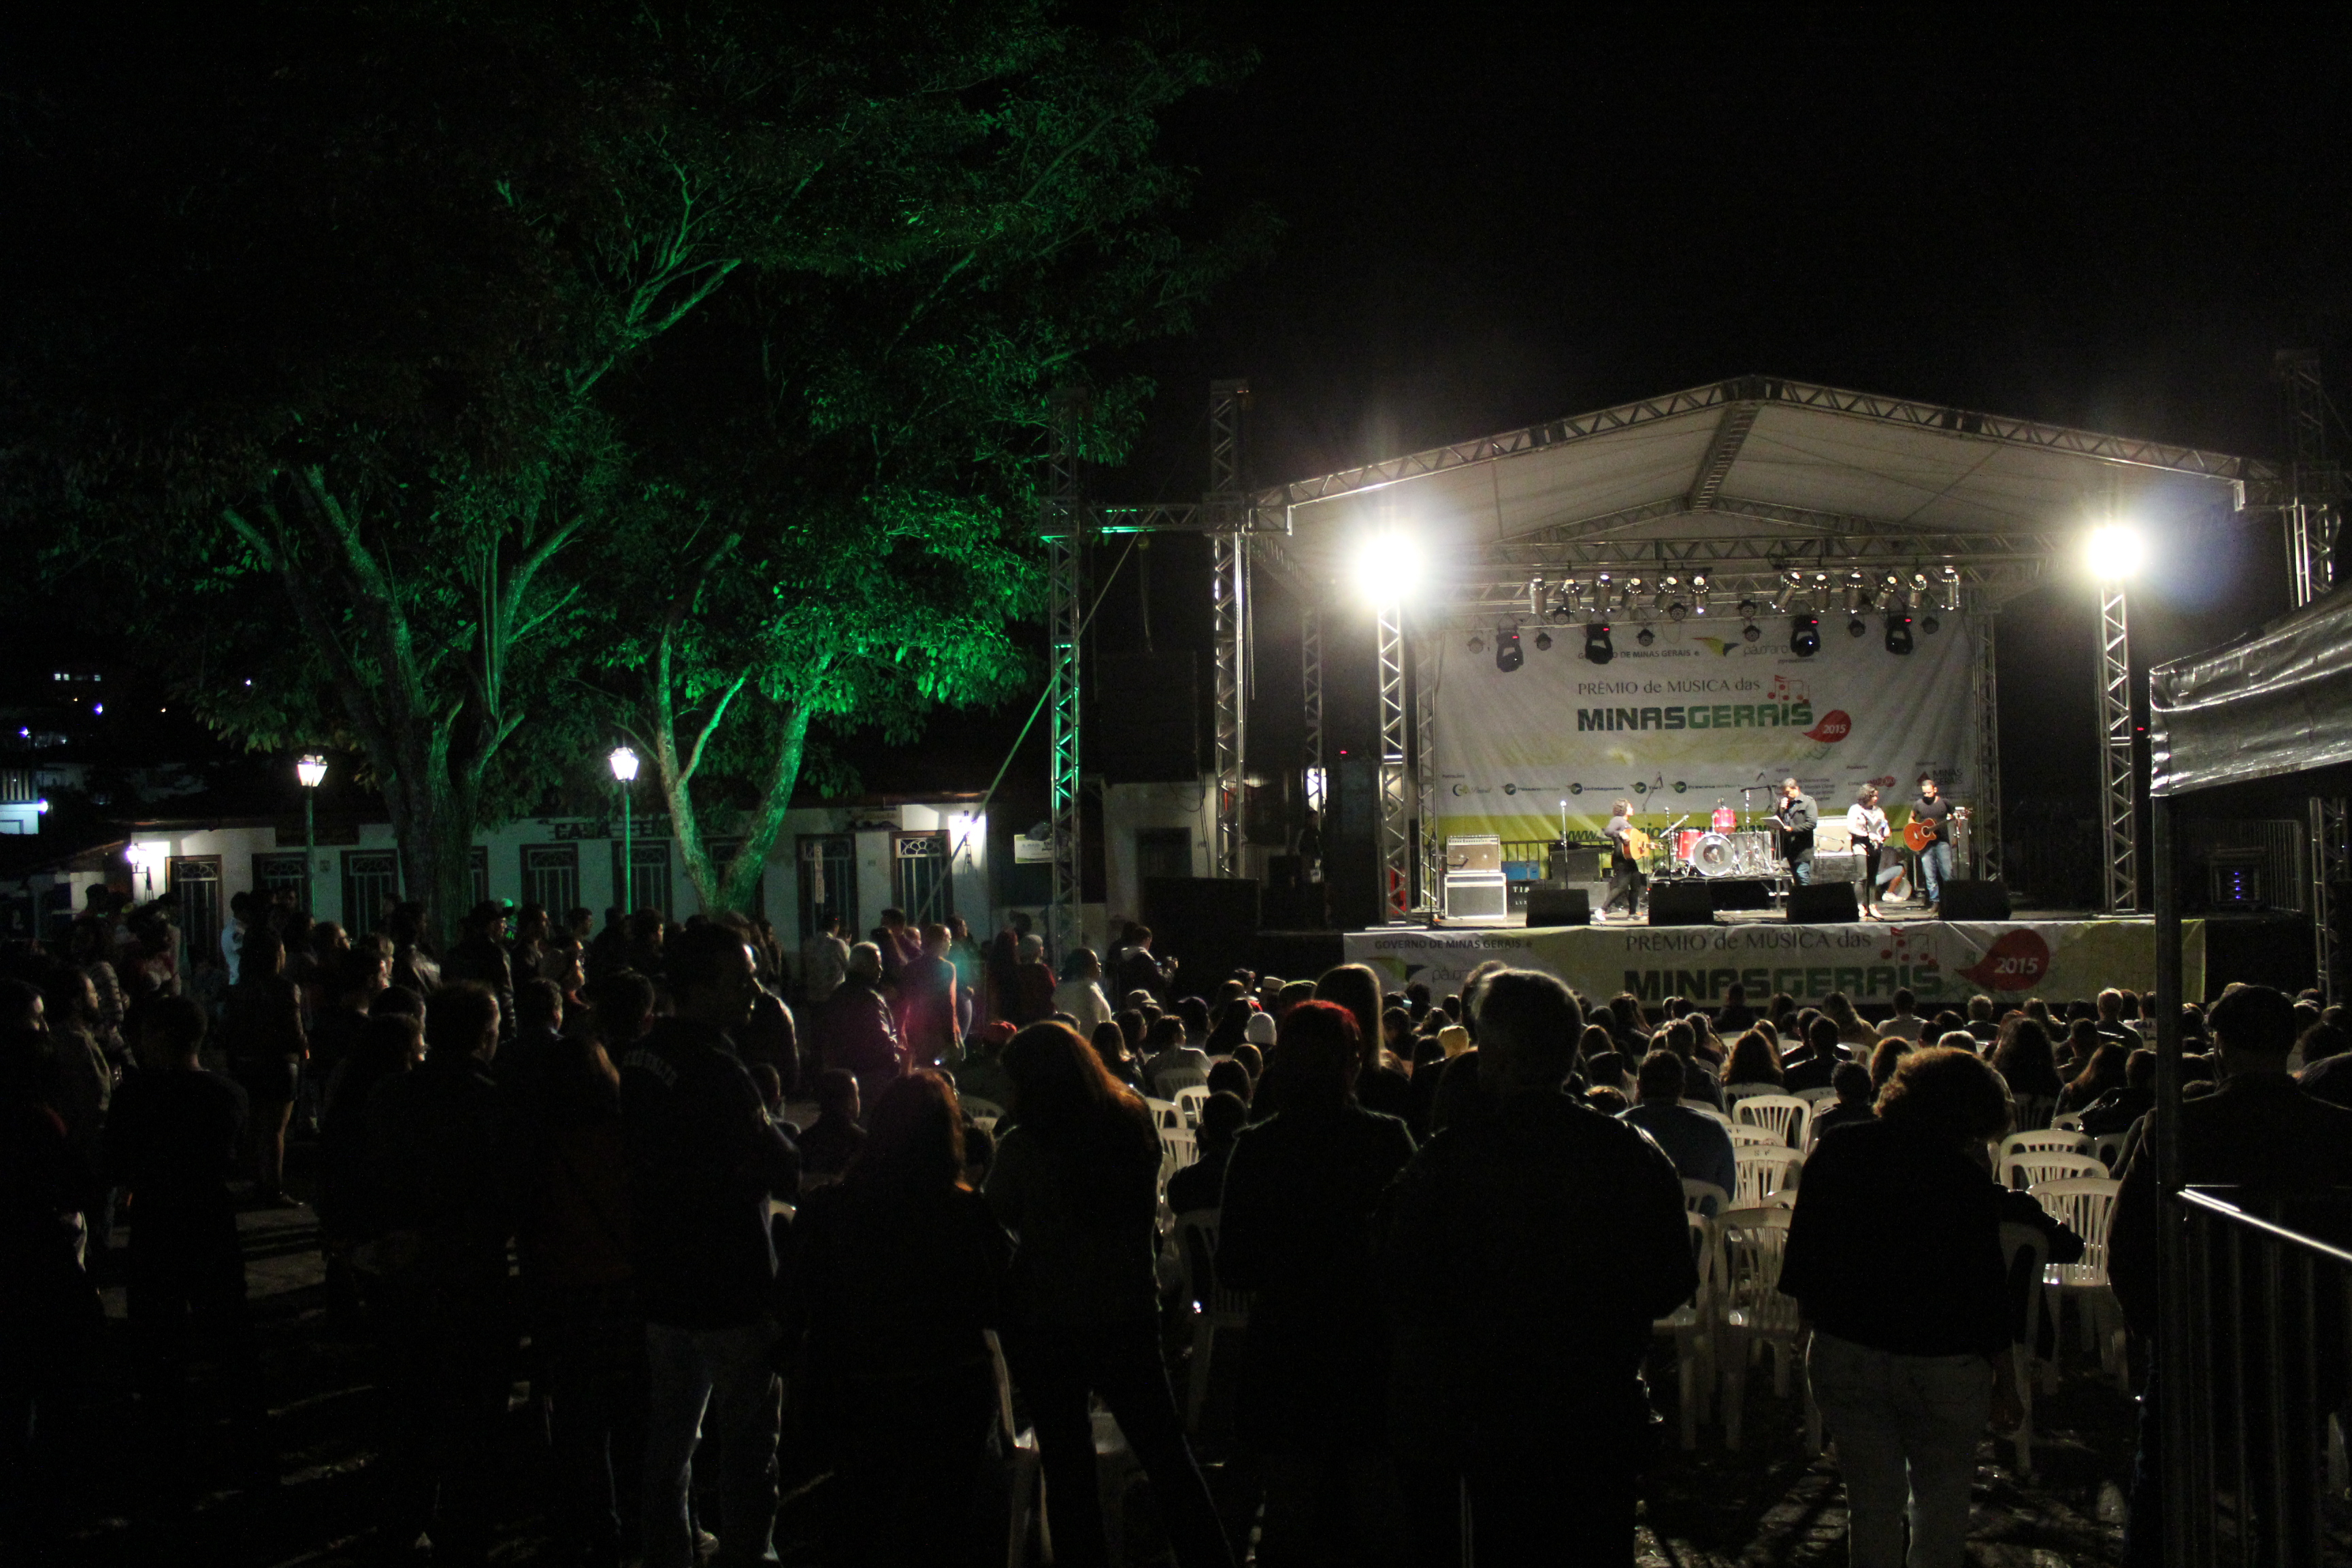 A grande final do Prêmio de Música das Minas Gerais 2015 tem seus primeiros participantes